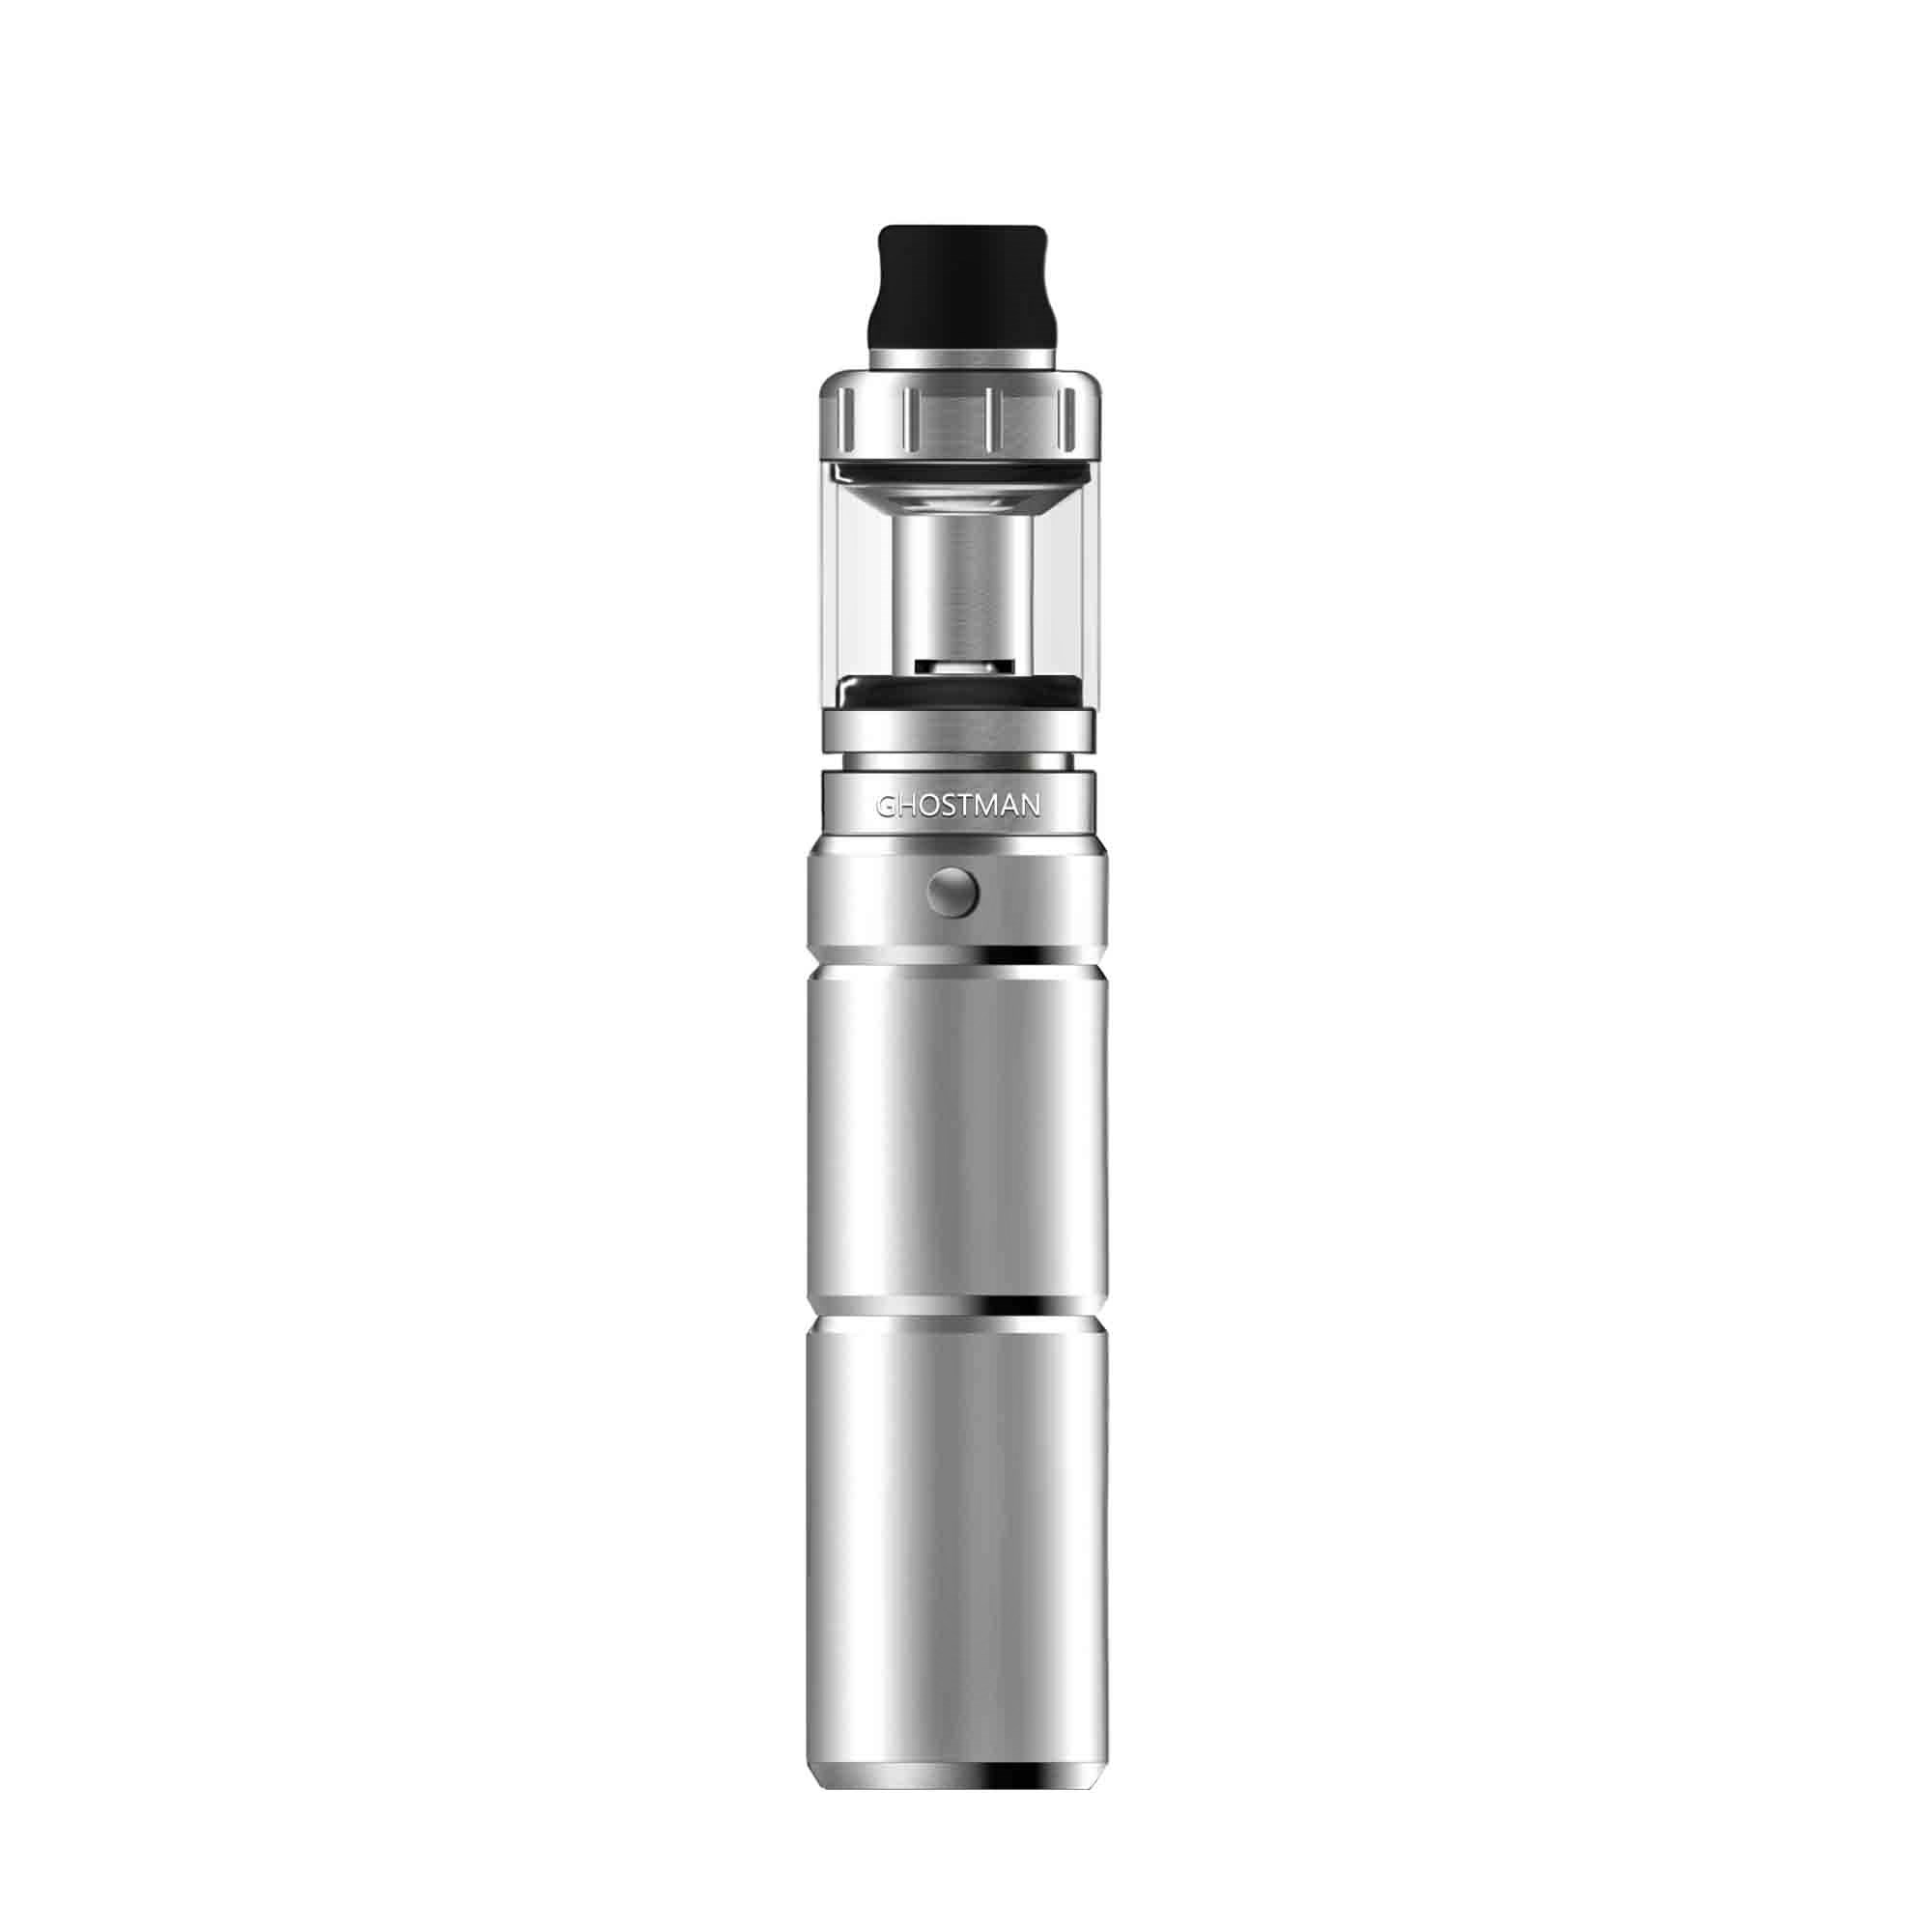 электронная сигарета костюм 80w мини - регулятор давления пара машин столб дыма 30w большой смог бросить курить, устройство